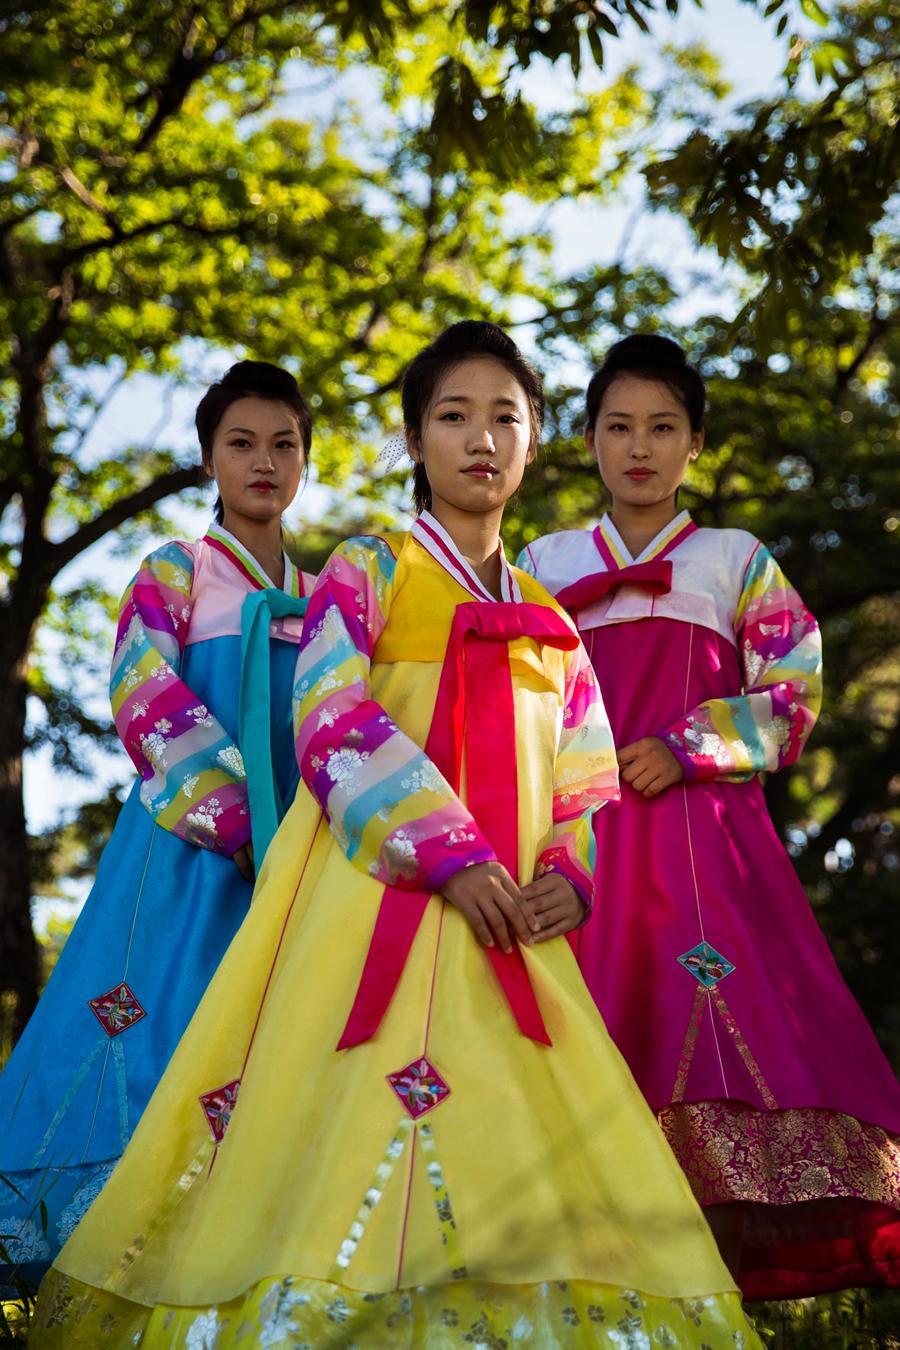 Румынский фотограф отправилась в Северную Корею, чтобы запечатлеть красоту местных женщин